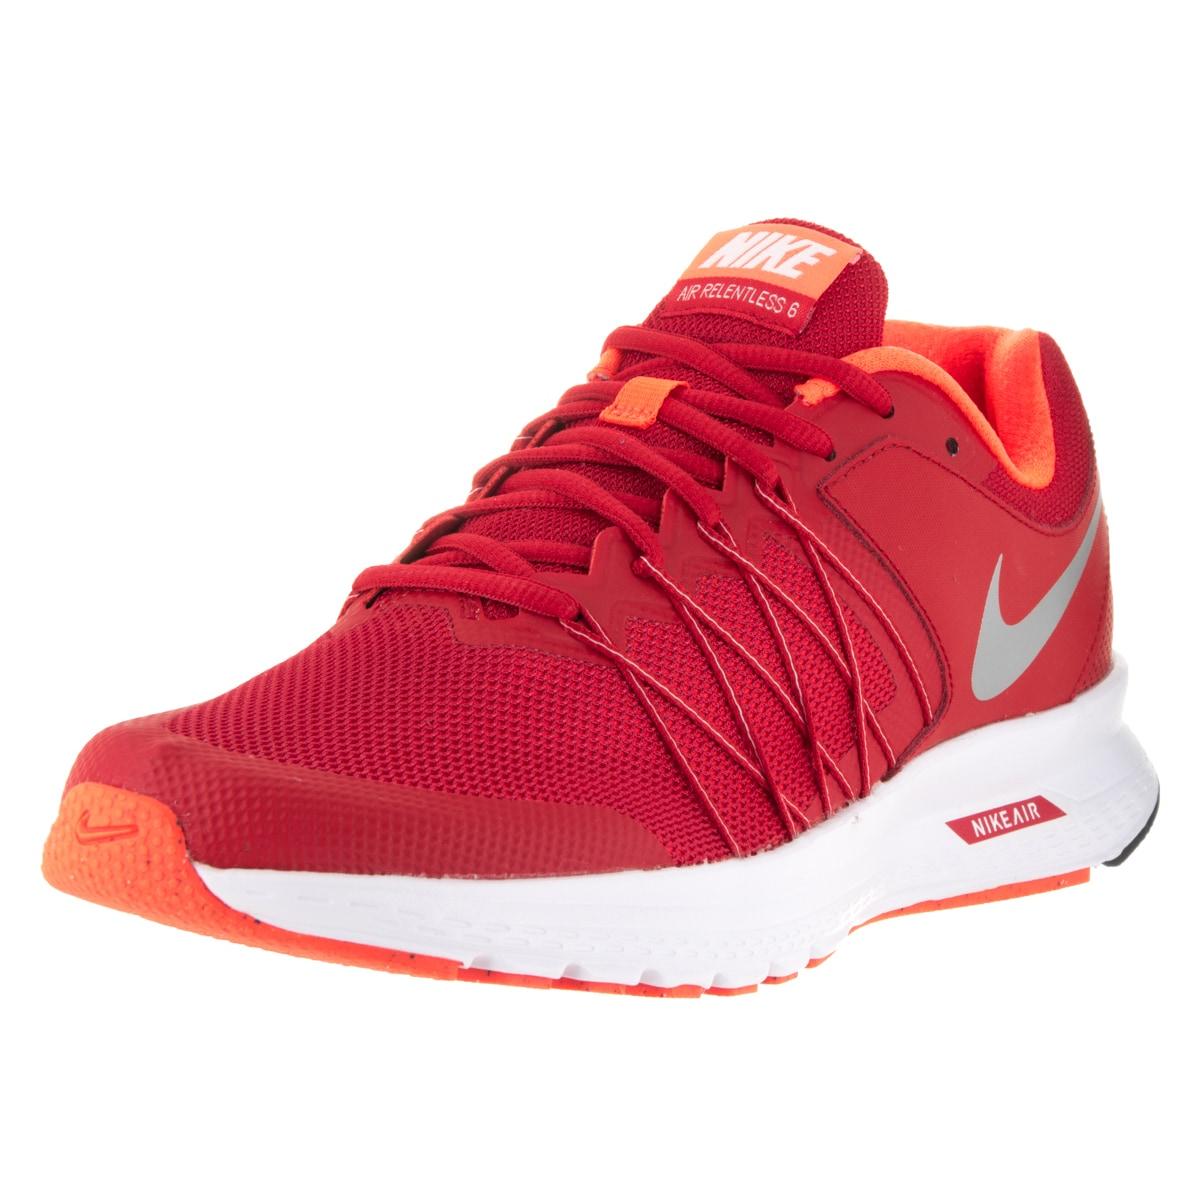 Nike Men's Air Relentless 6 University Red/Mtllc Slvr/Ttl...